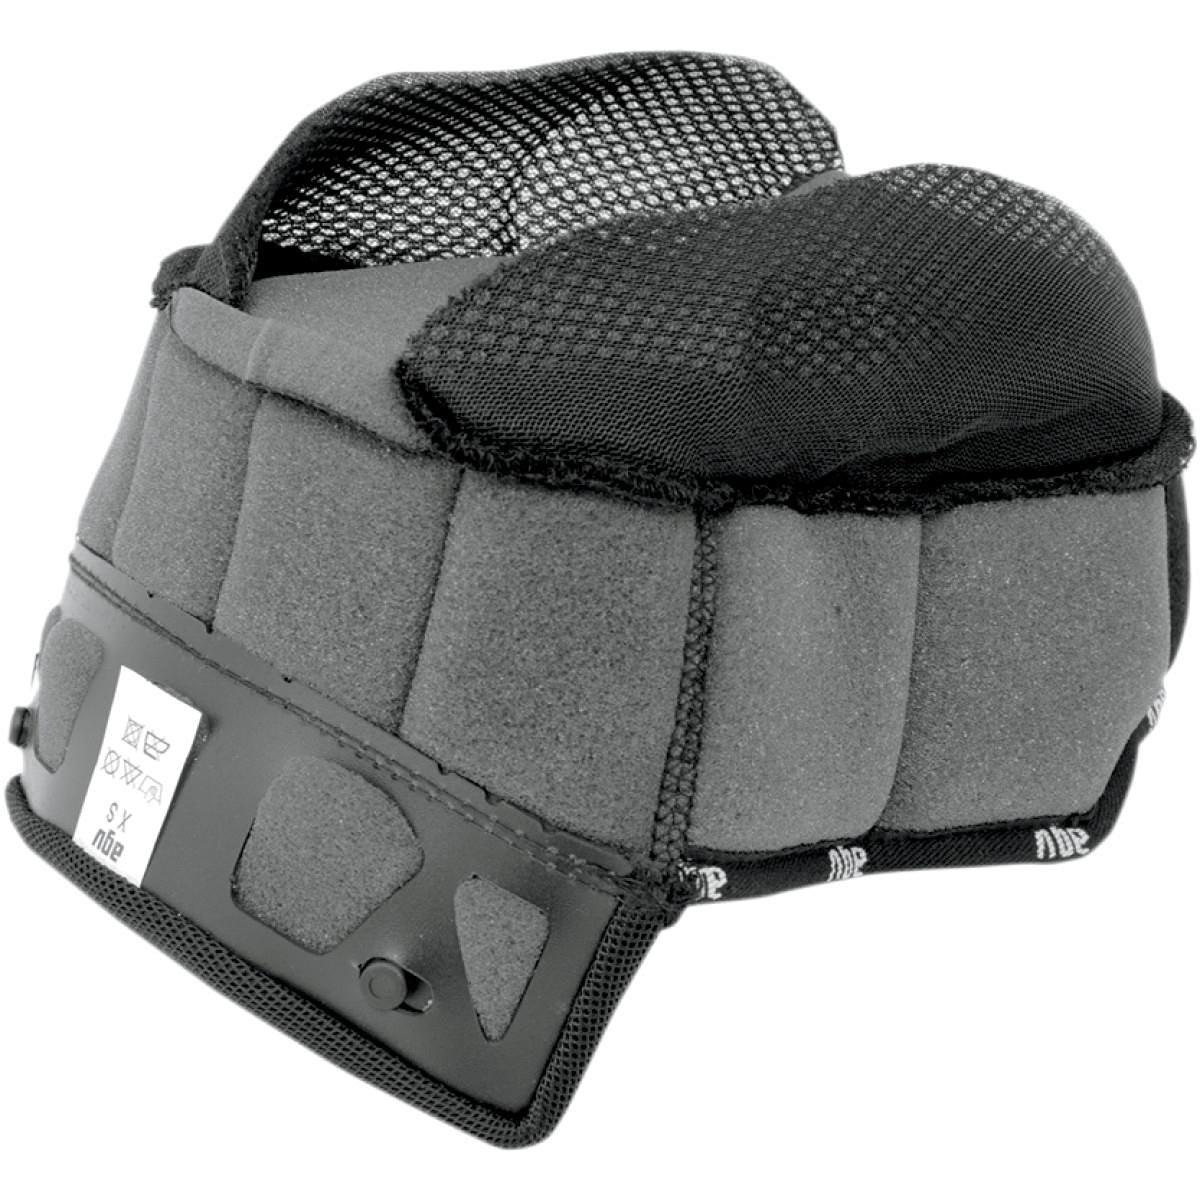 AGV Helmet Liner for AX-8 Dual Sport EVO - Sm KIT76009999